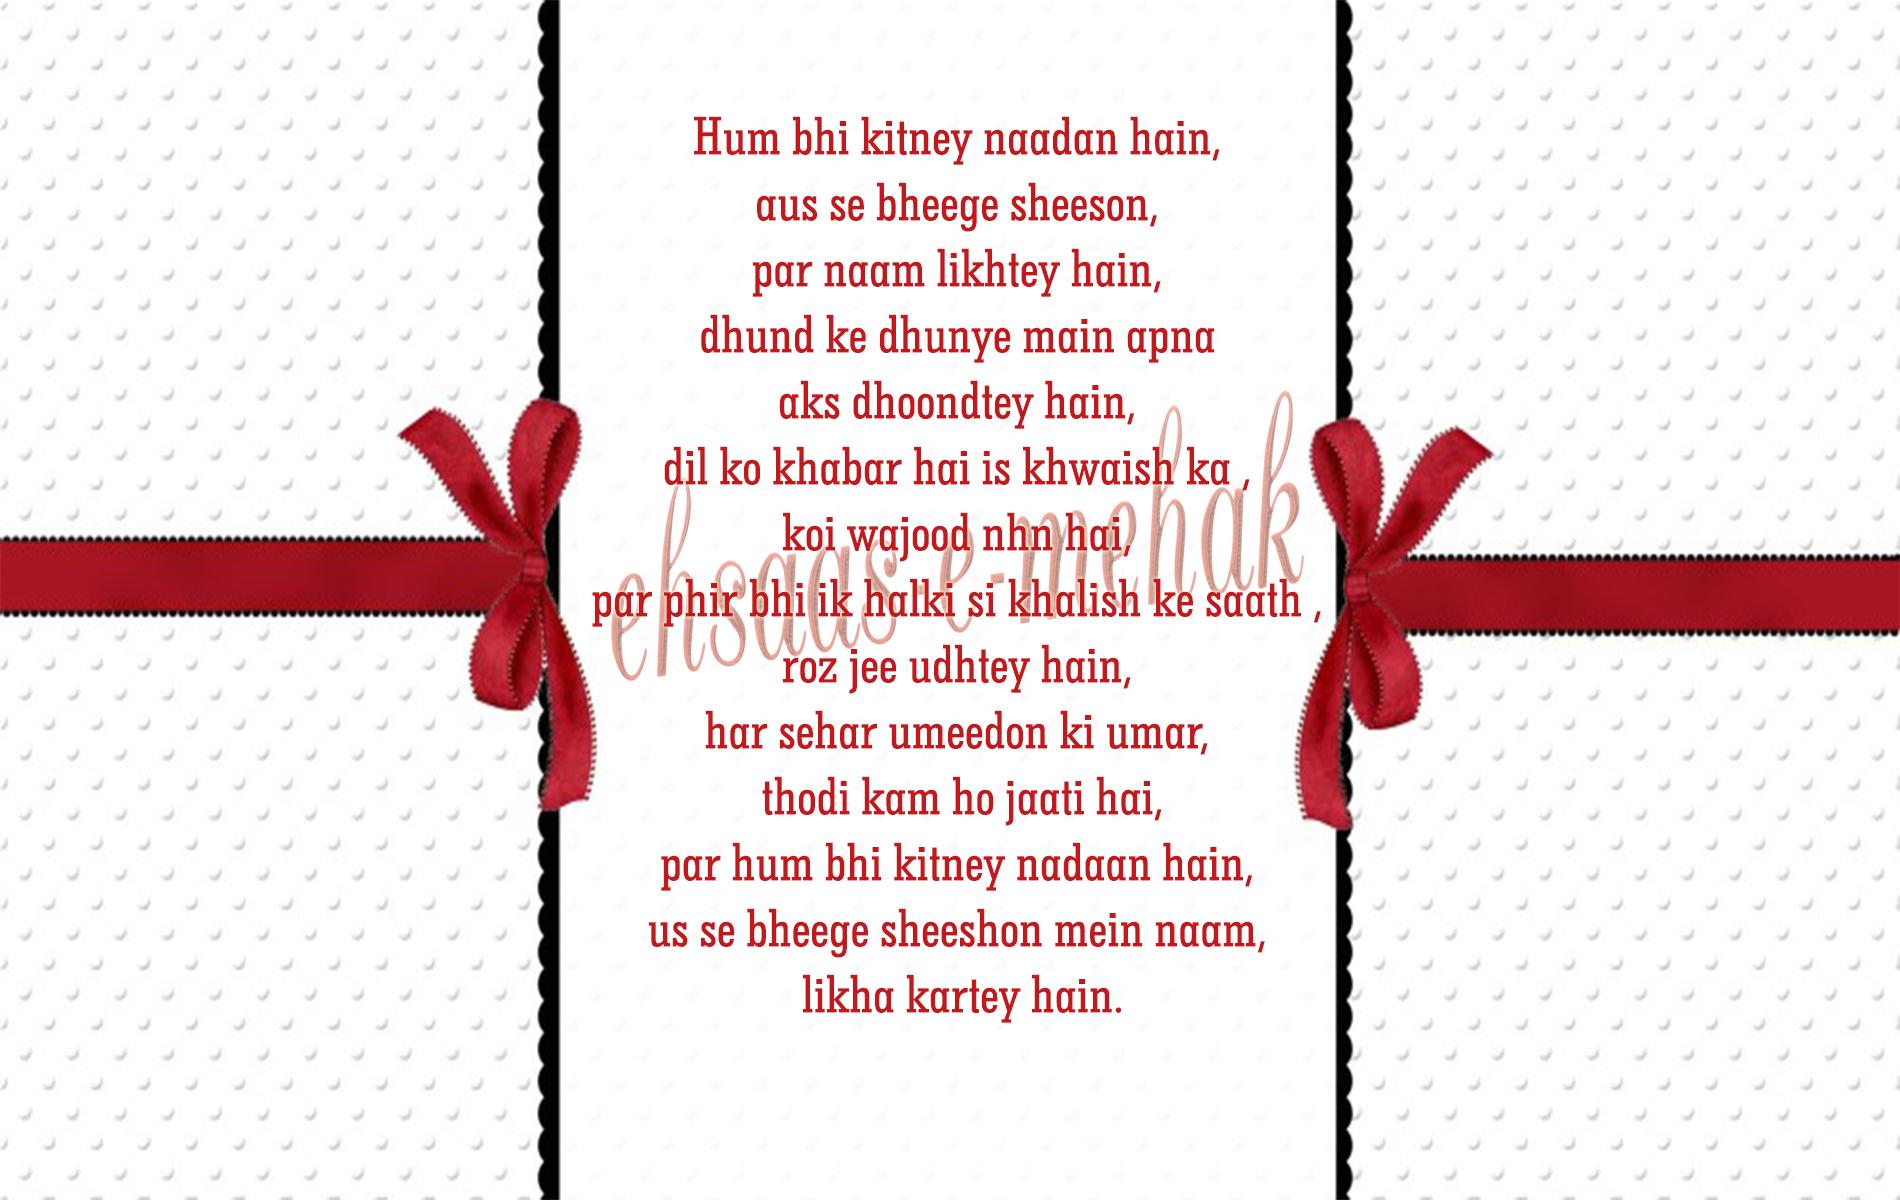 Hum bhi kitney naadan hain